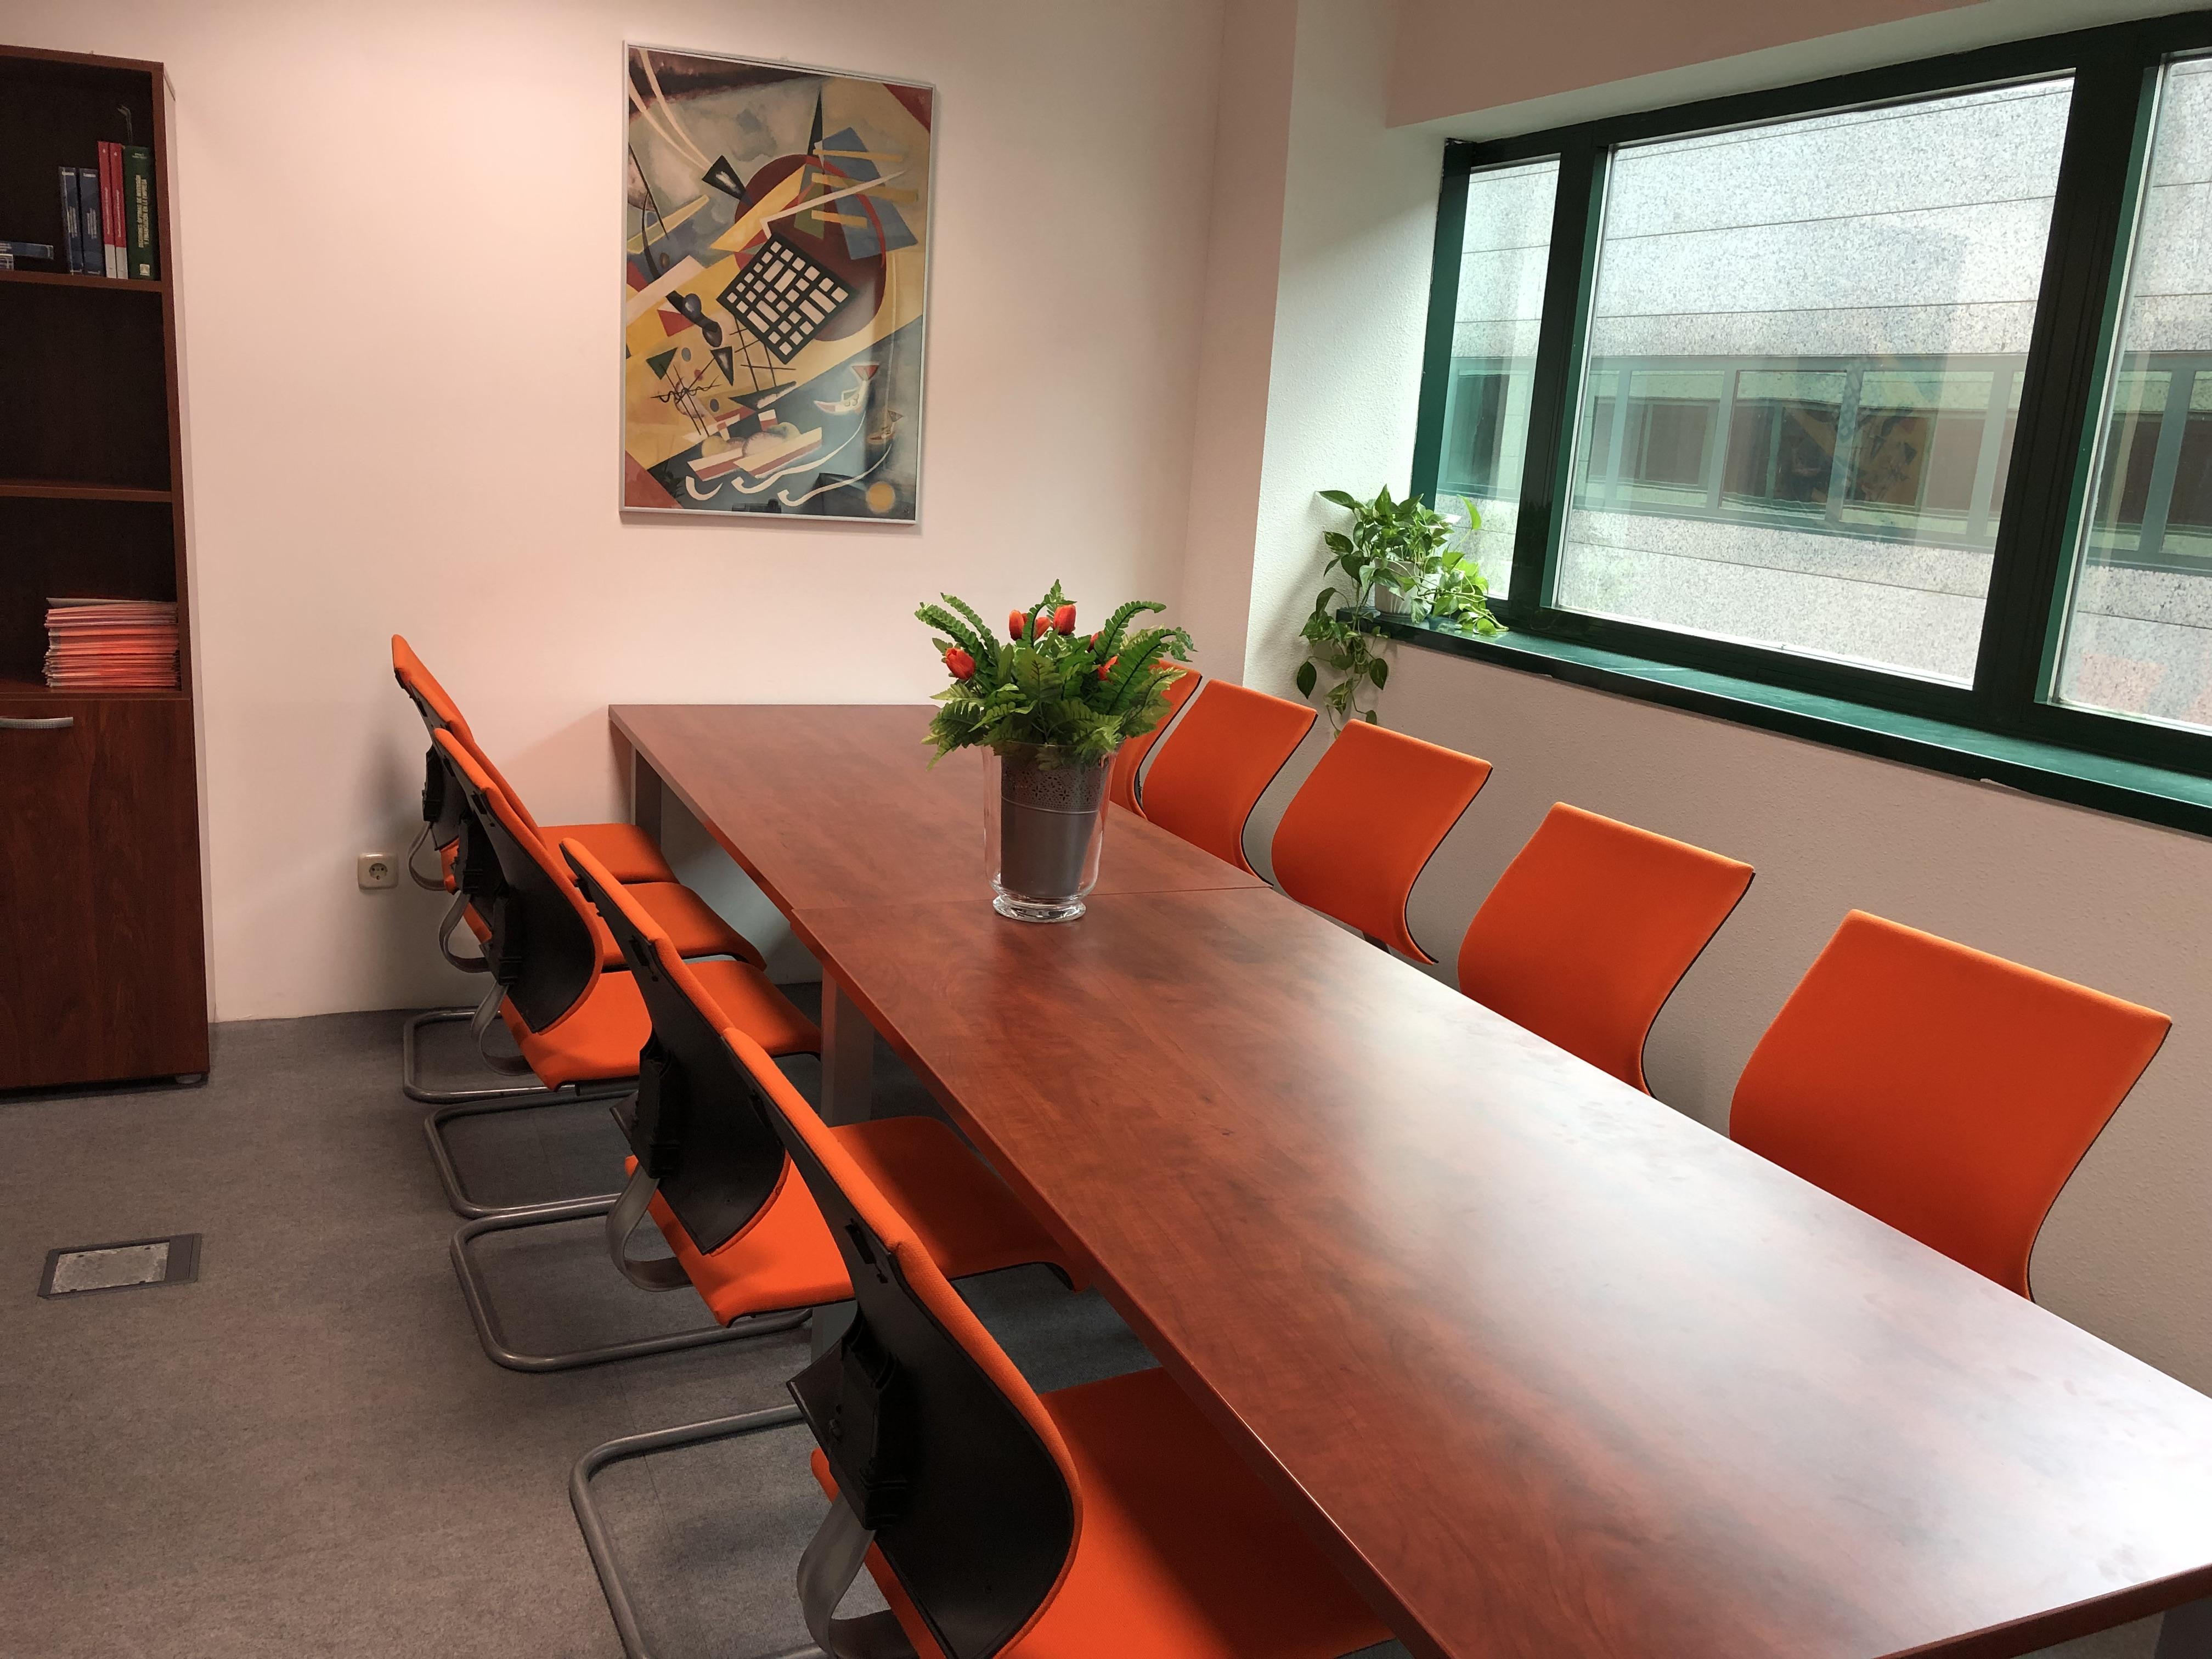 Sala Mallorca 2 - Salas de reunión en centro de negocios